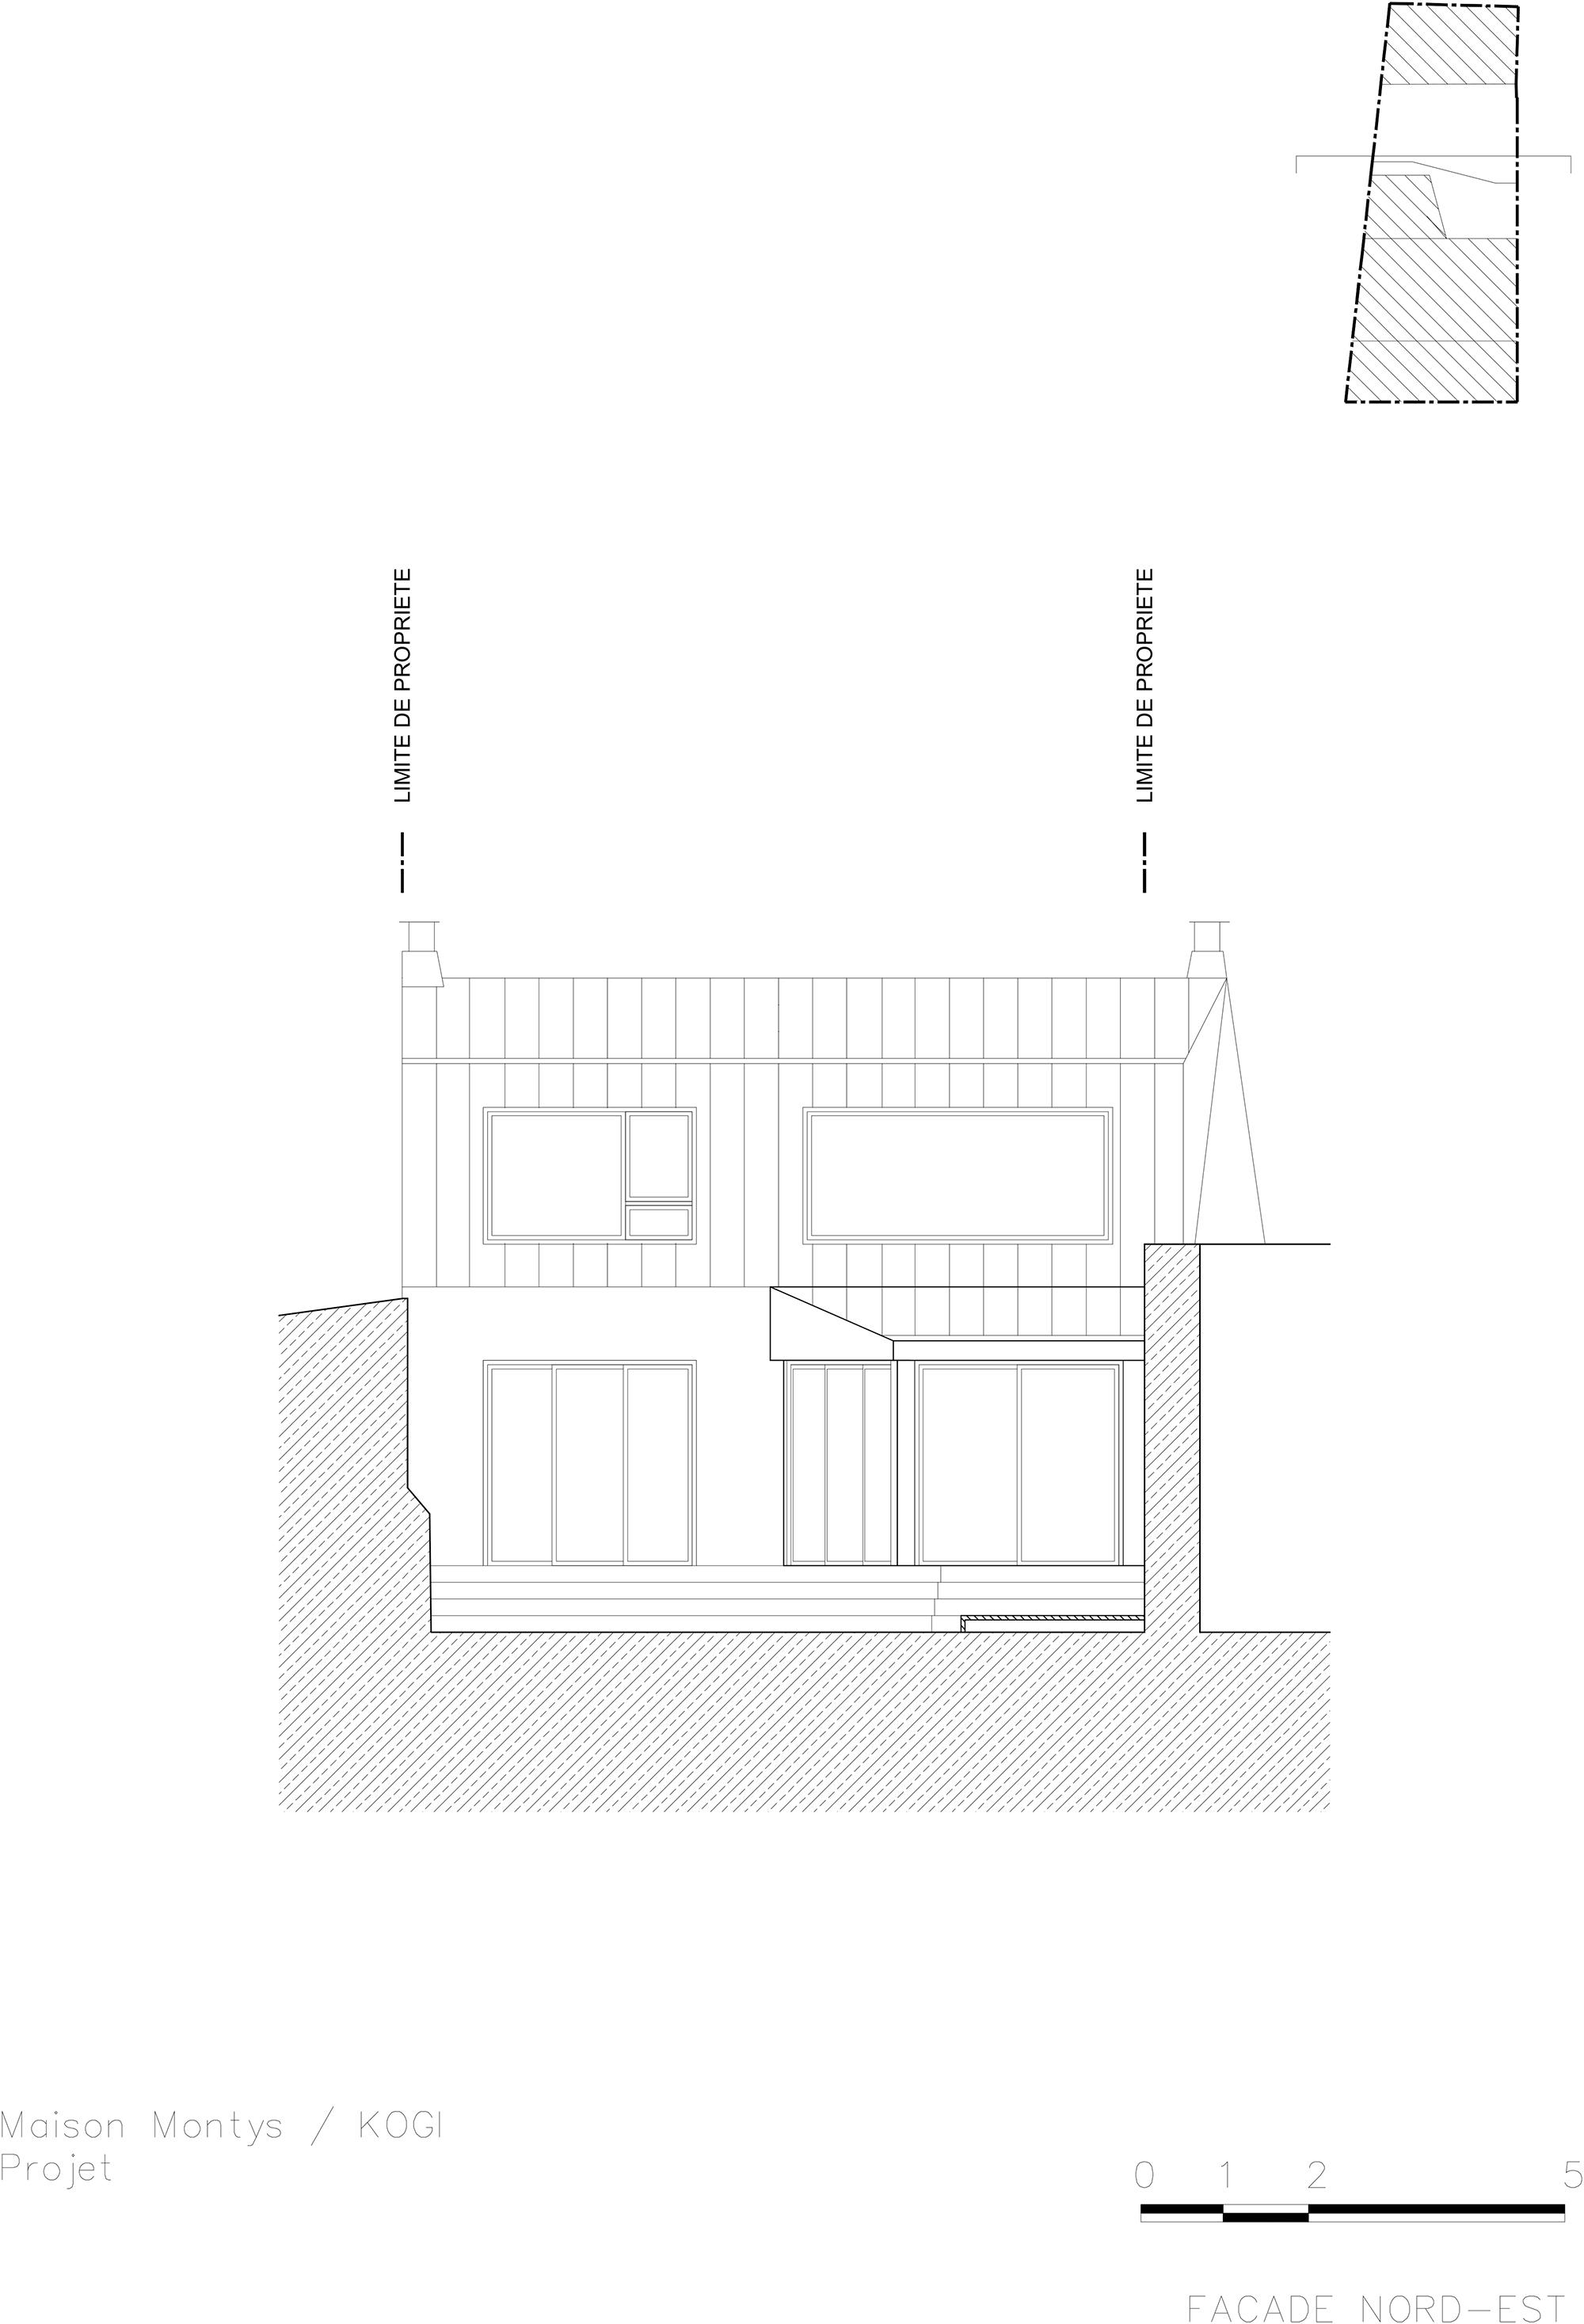 KOGI-Maison Montys - Projet - FNE